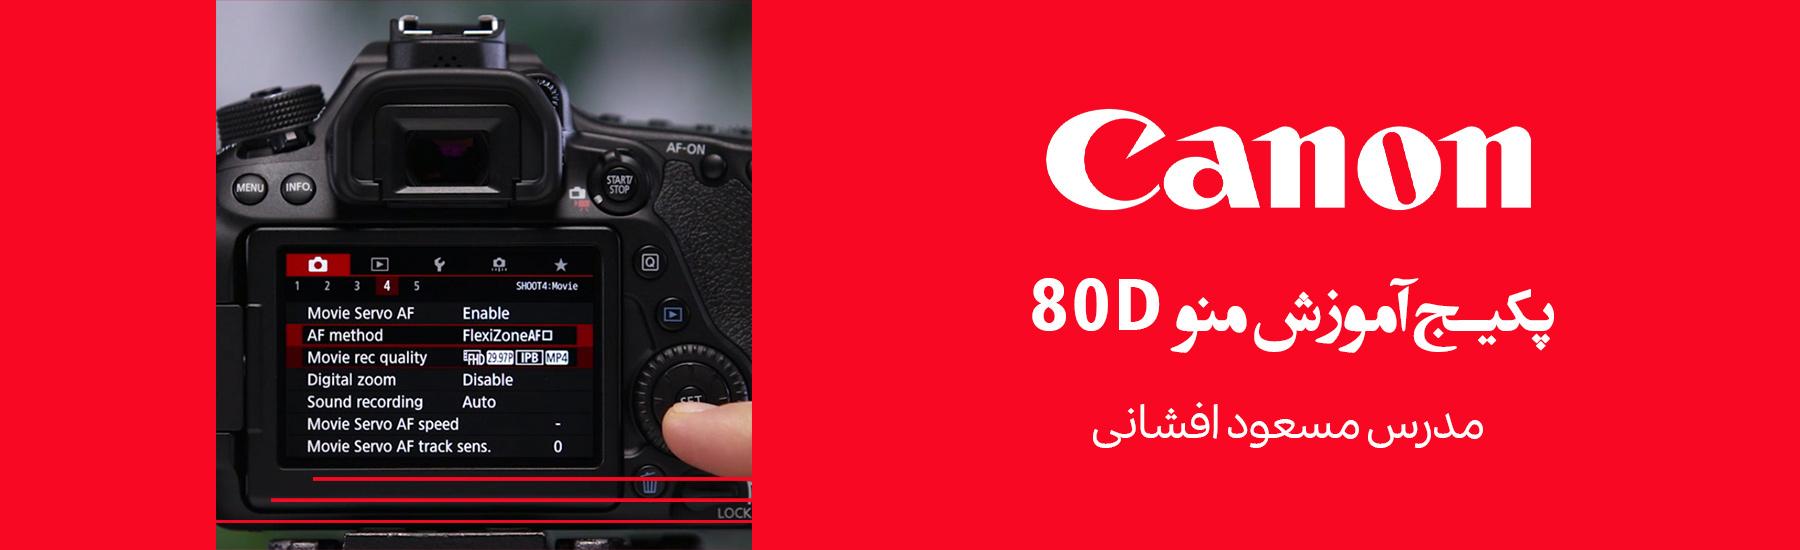 آموزش منو دوربین 80D کانن